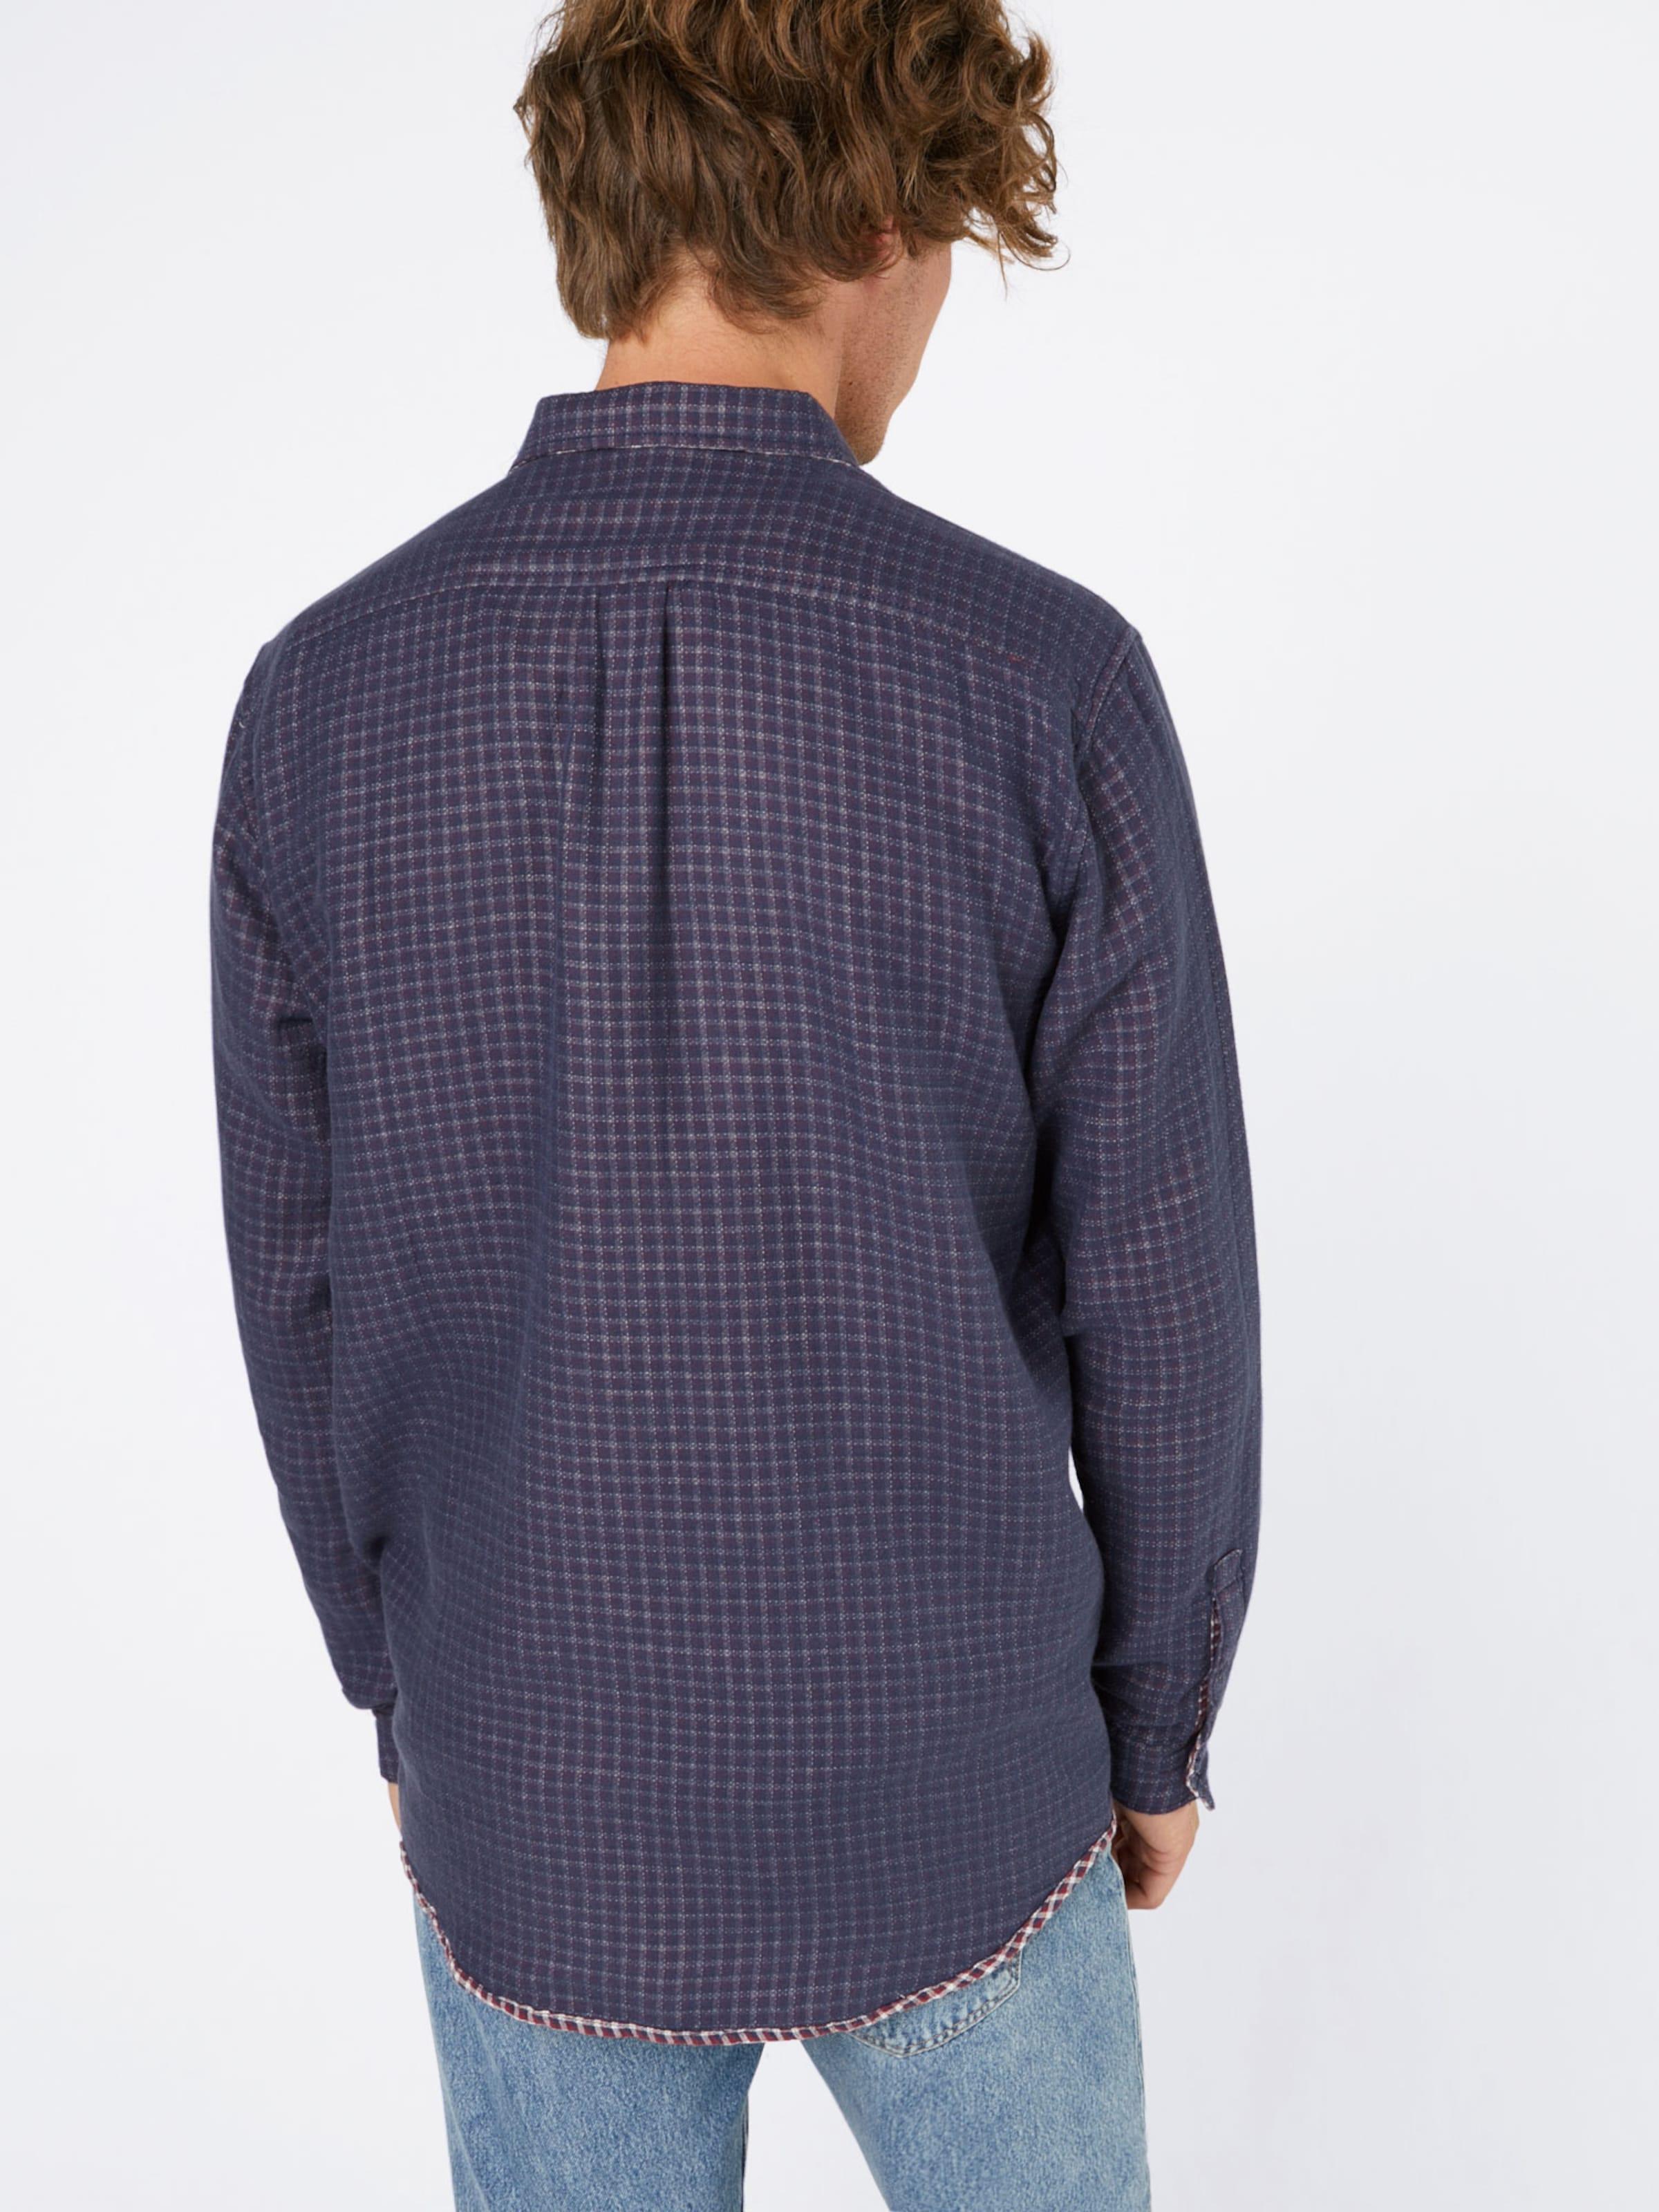 TOM TAILOR DENIM Casual Hemd Rabatt Neue Stile Besuchen Sie Günstig Online 7yVdA9pC